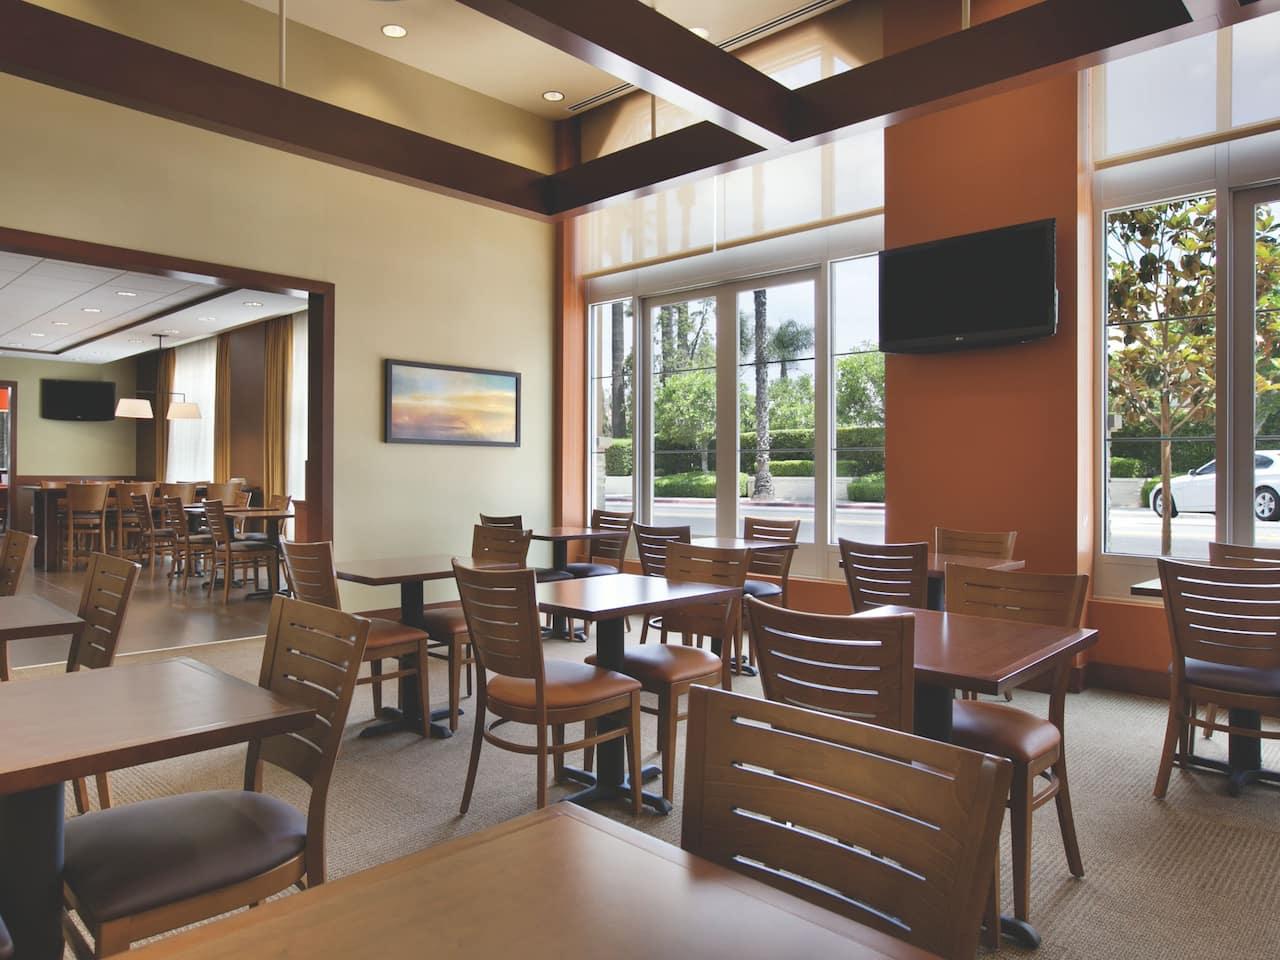 hyatt dining area